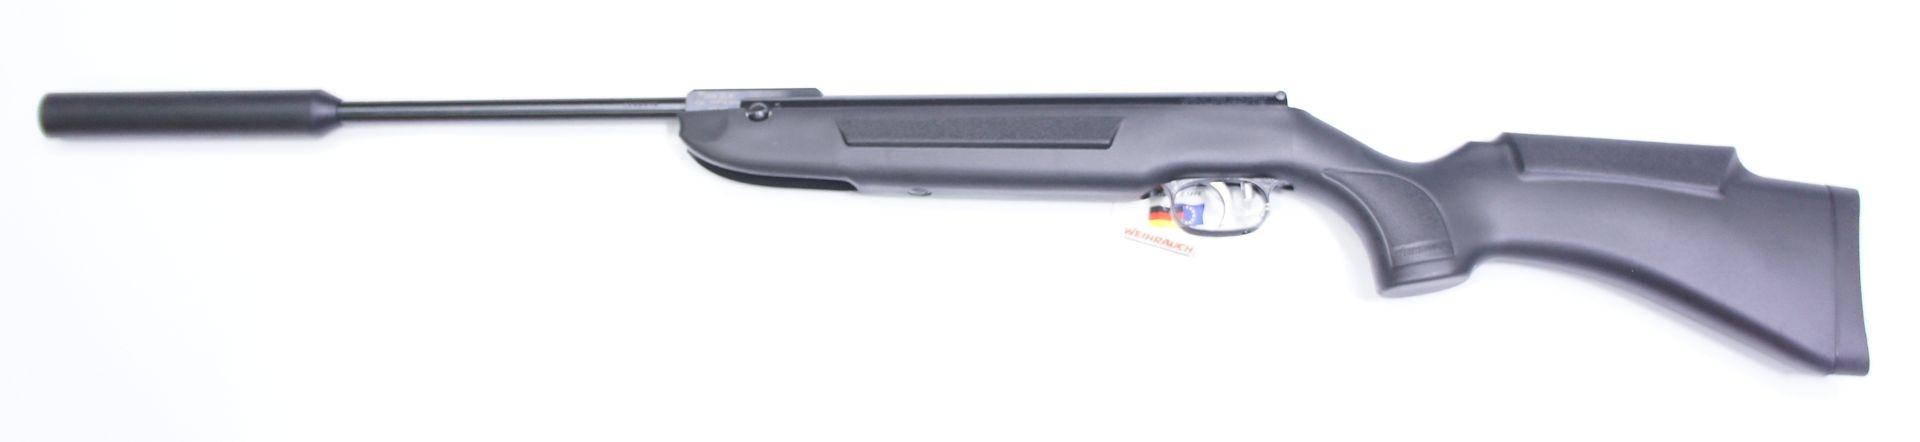 Luftgewehr Weihrauch HW 30S mit Schalldämpfer im Synthetikschaft